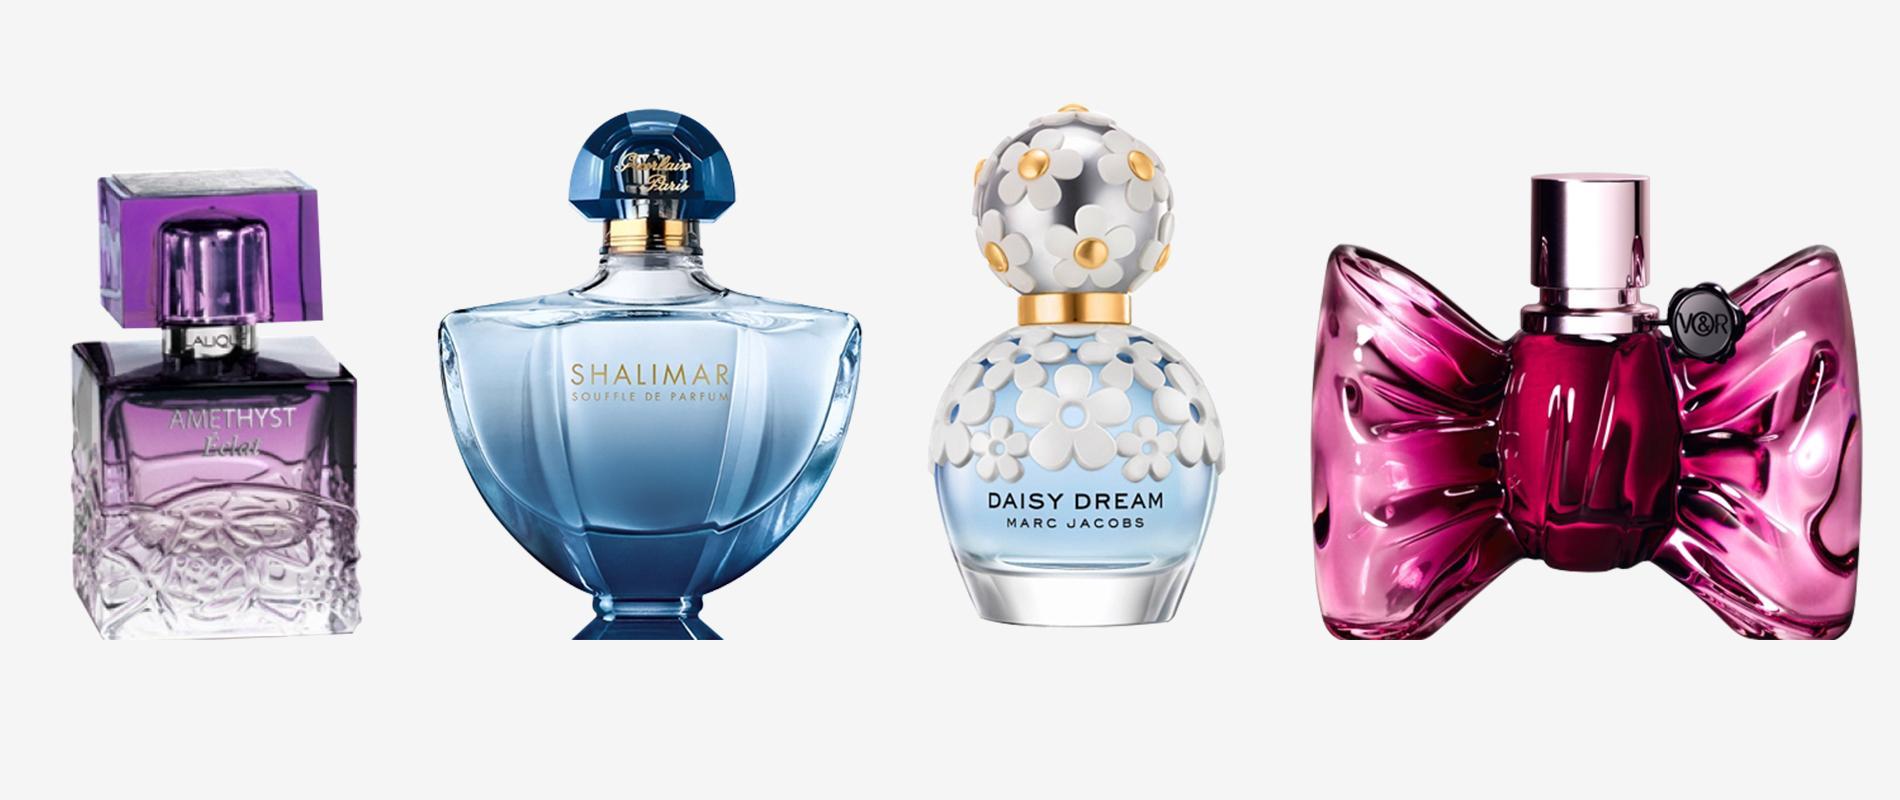 Soin, make-up et parfums   les nouveautés à ne pas rater - Madame Figaro c0704a7935ab